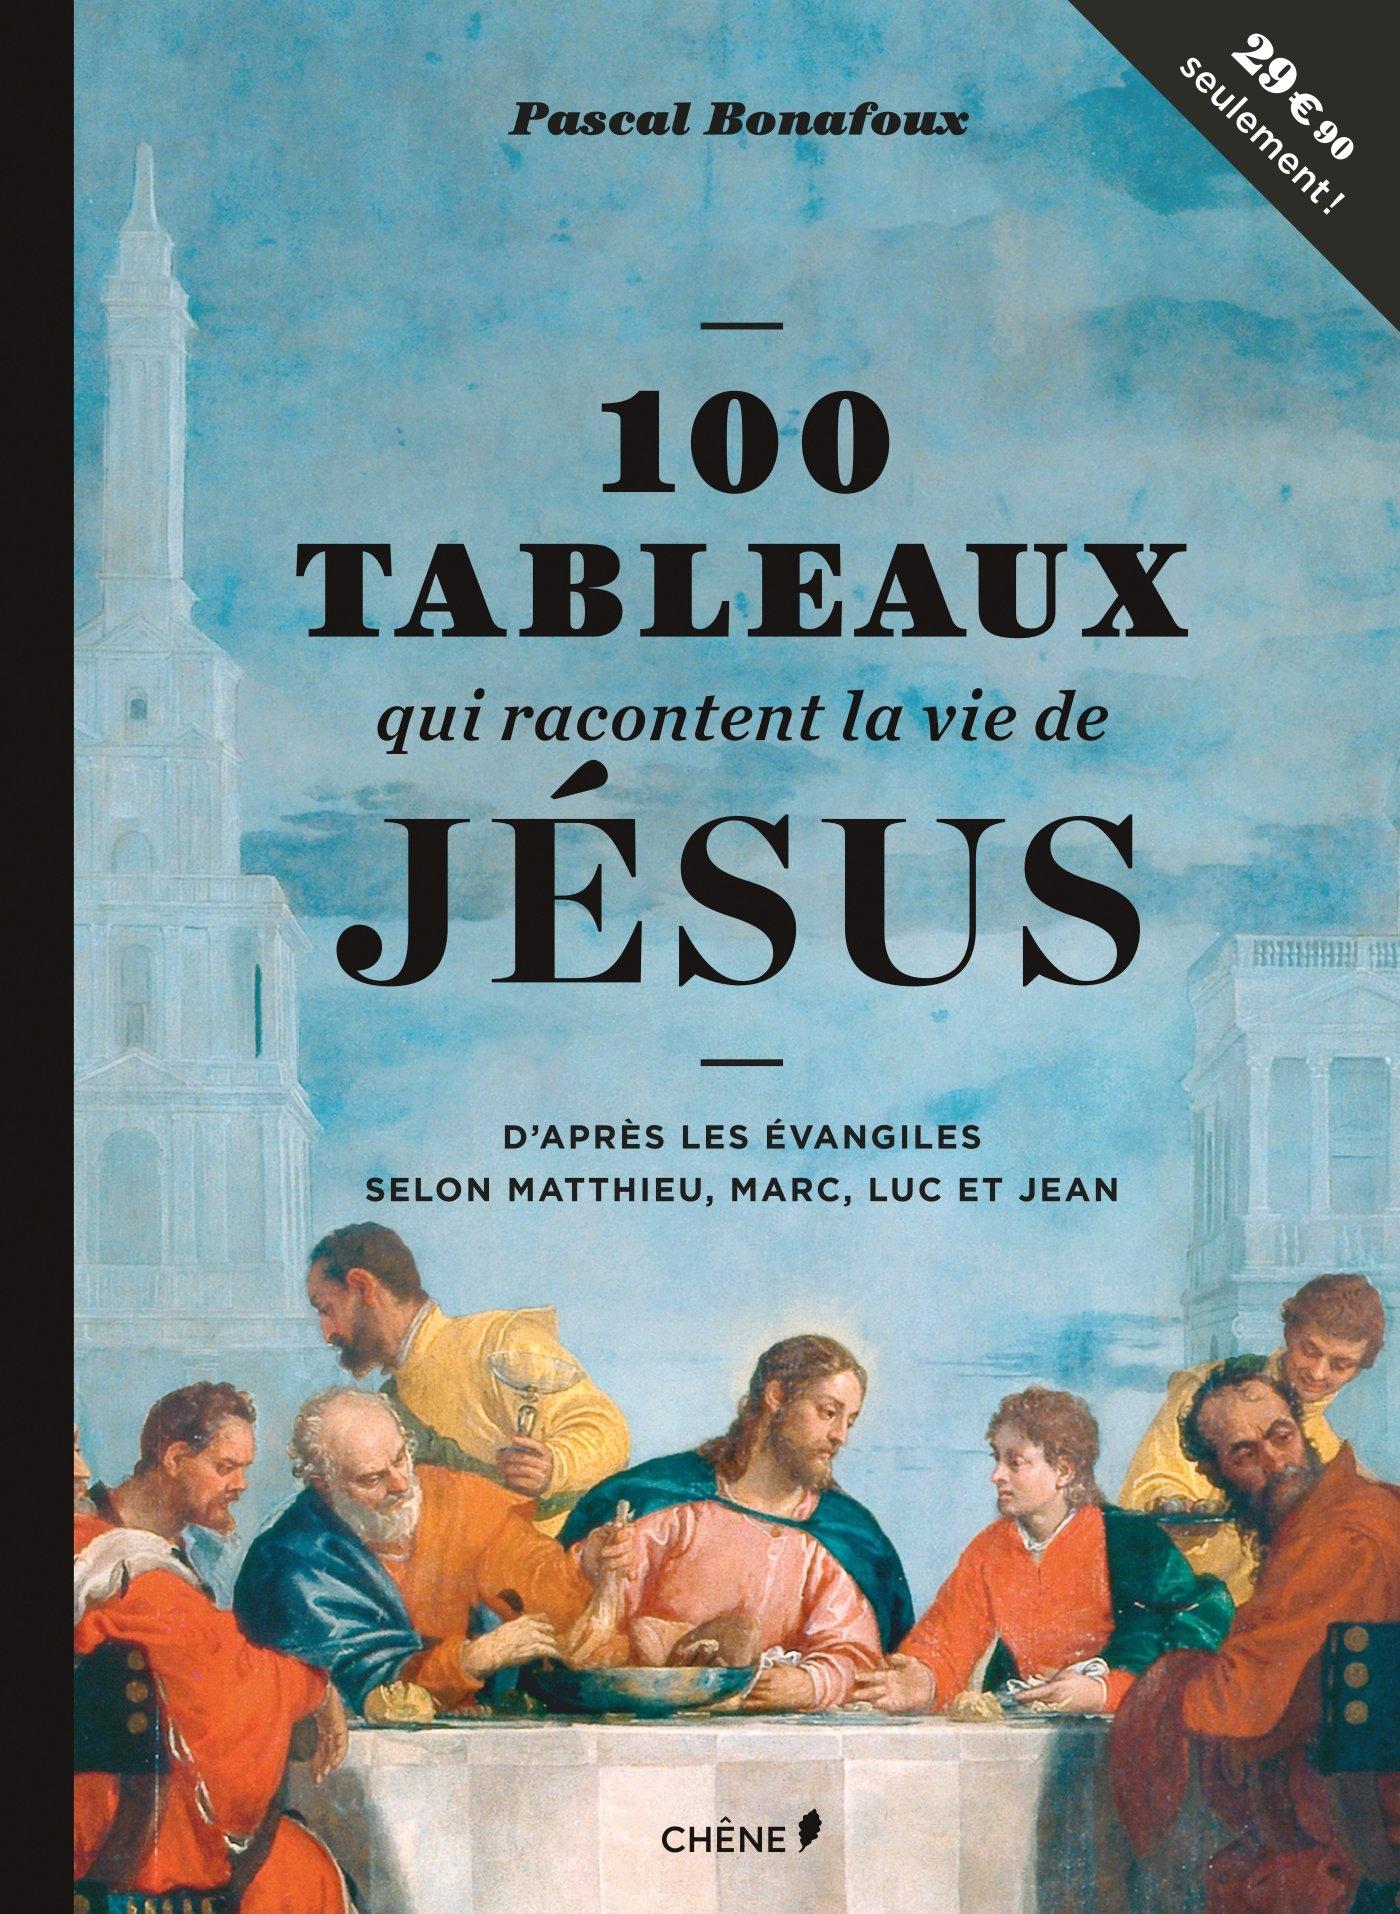 100 tableaux qui racontent la vie de Jésus: Amazon.fr: Pascal Bonafoux:  Livres